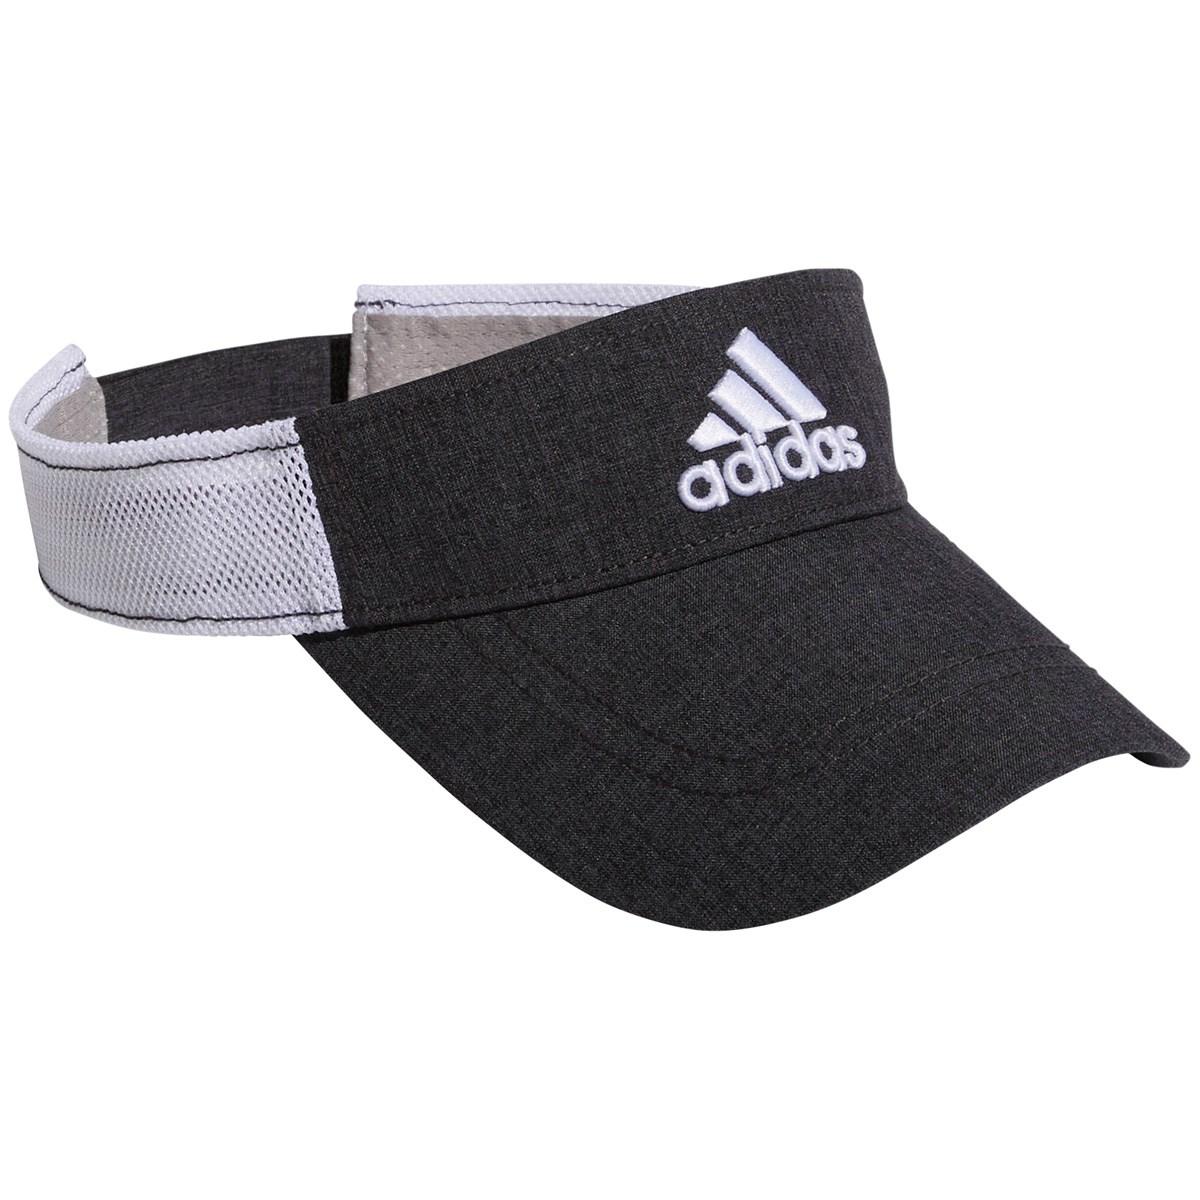 アディダス(adidas) ロゴメッシュサンバイザー